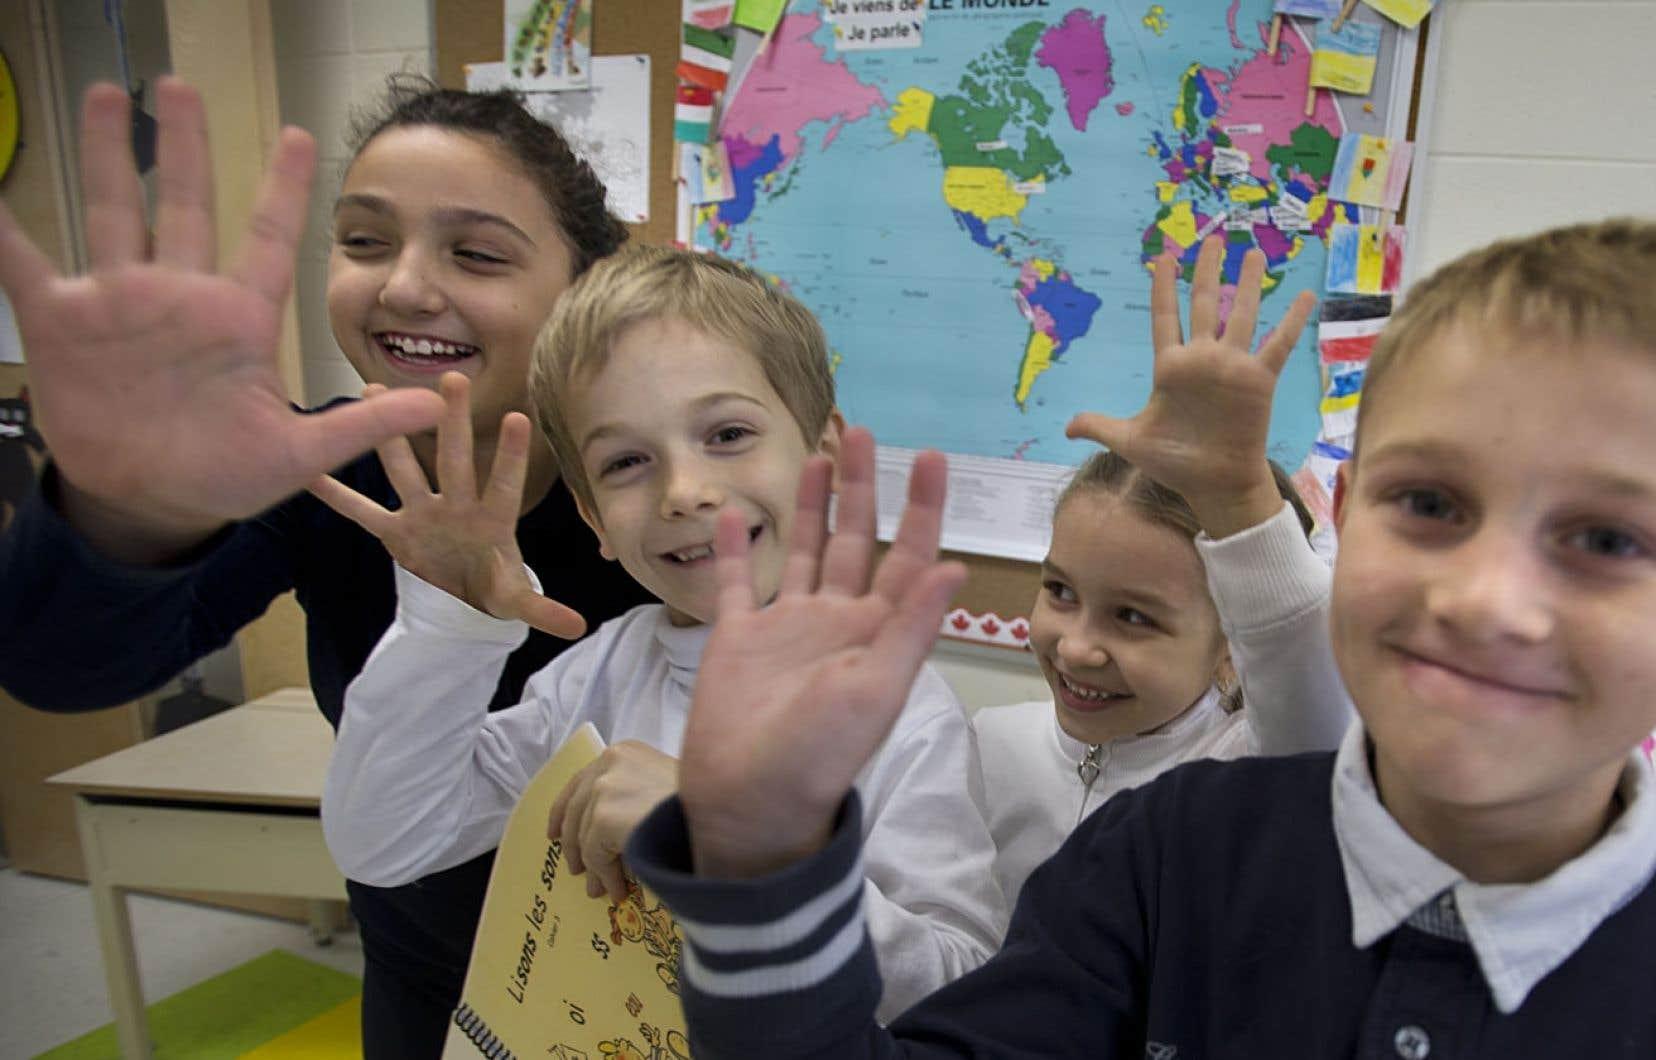 Pour offrir un bon enseignement, pas de recette magique, ni de mode d'emploi. «Pour chaque enfant, il faut trouver la méthode», croit une des enseignantes du primaire interrogées.